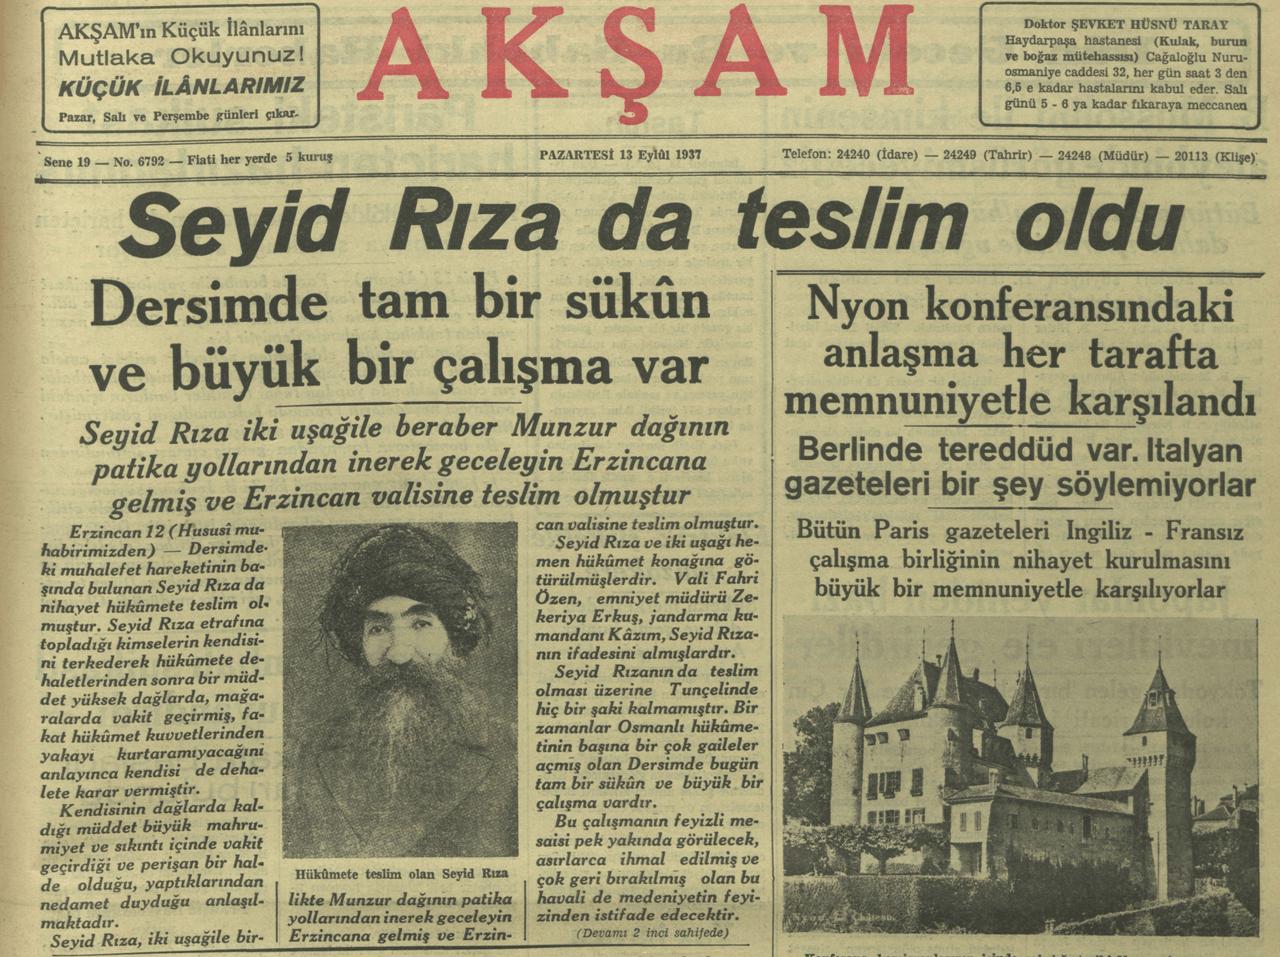 عنوان جريدة أكشام صباح ليلة استسلام سيد رضا عام 1937.